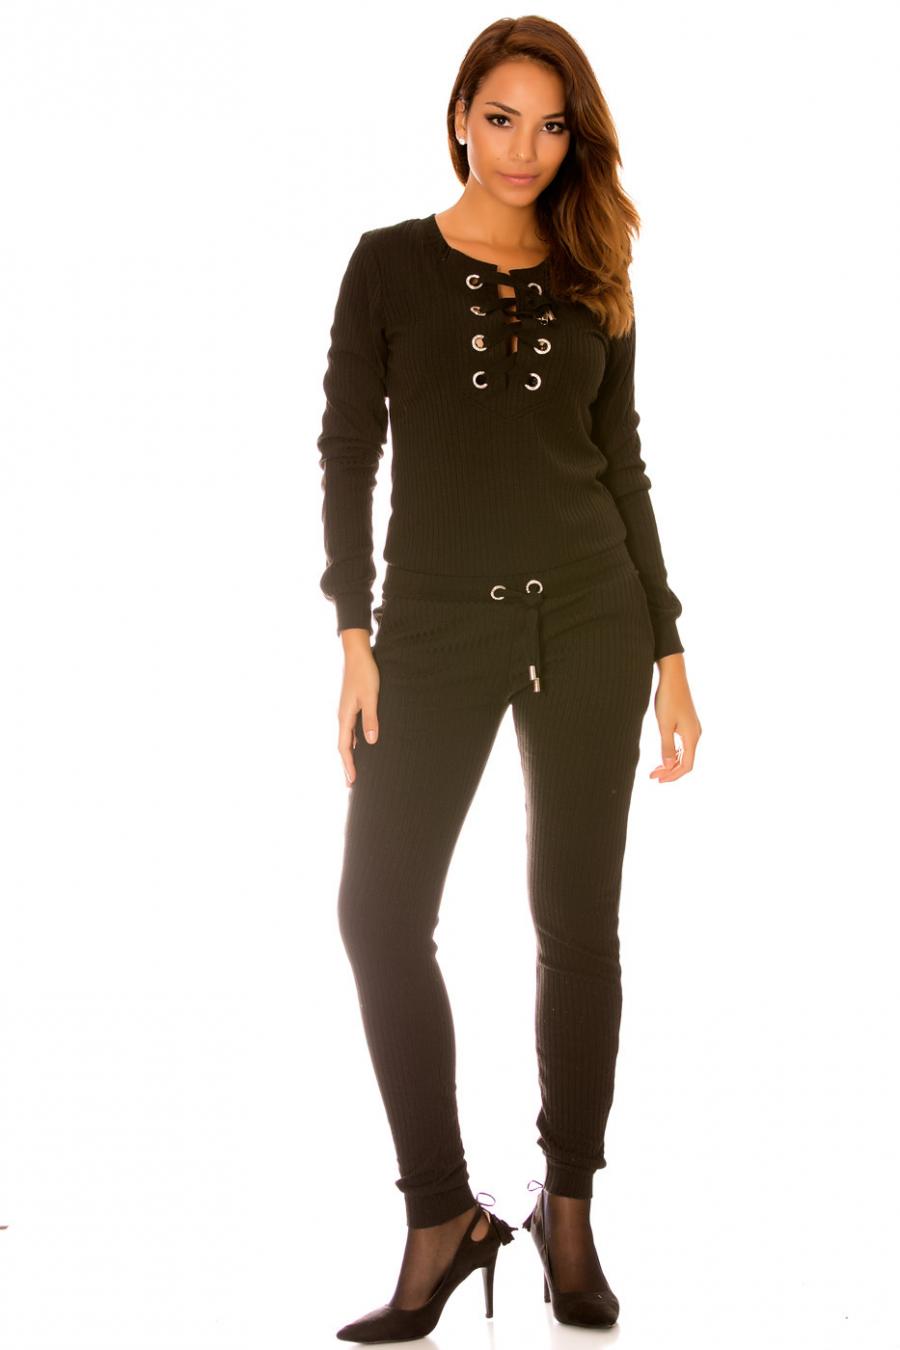 Combinaison fashion en maille noir avec lacet au col rond. Combinaison femme wj7136